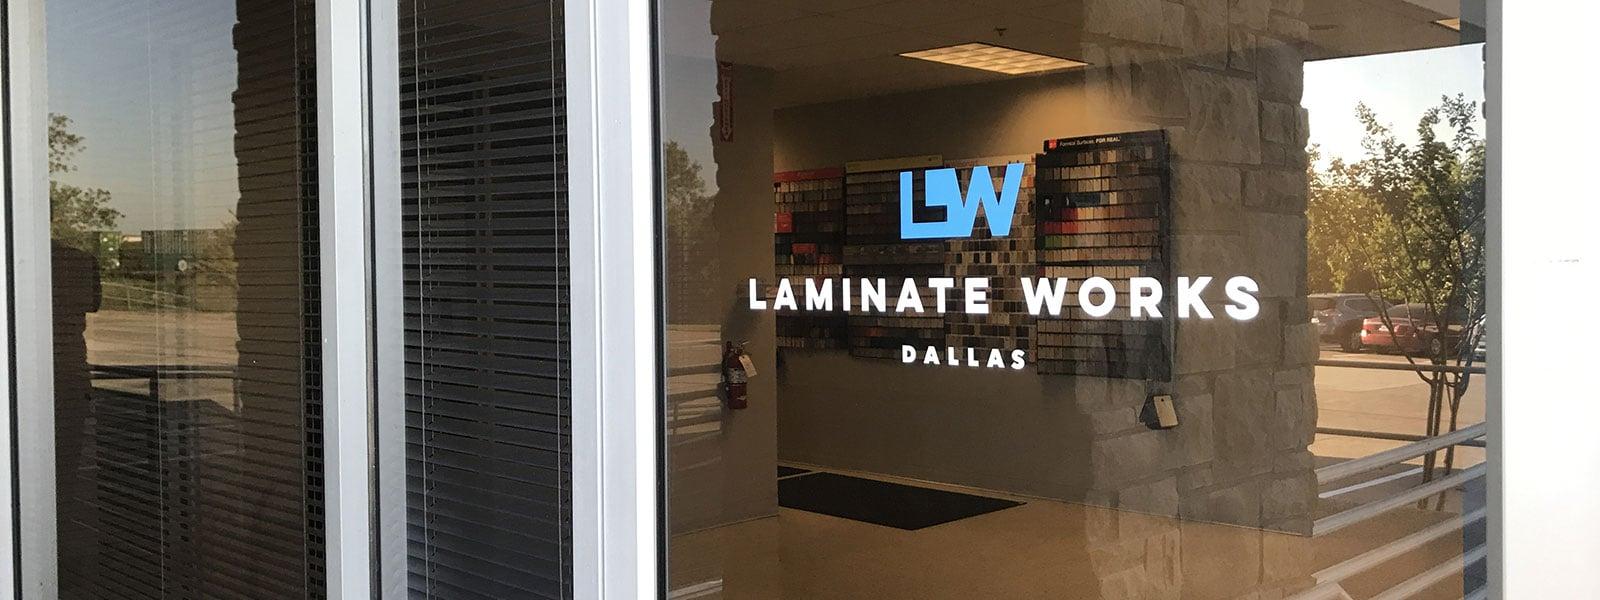 LW_Dallas_1600.jpg